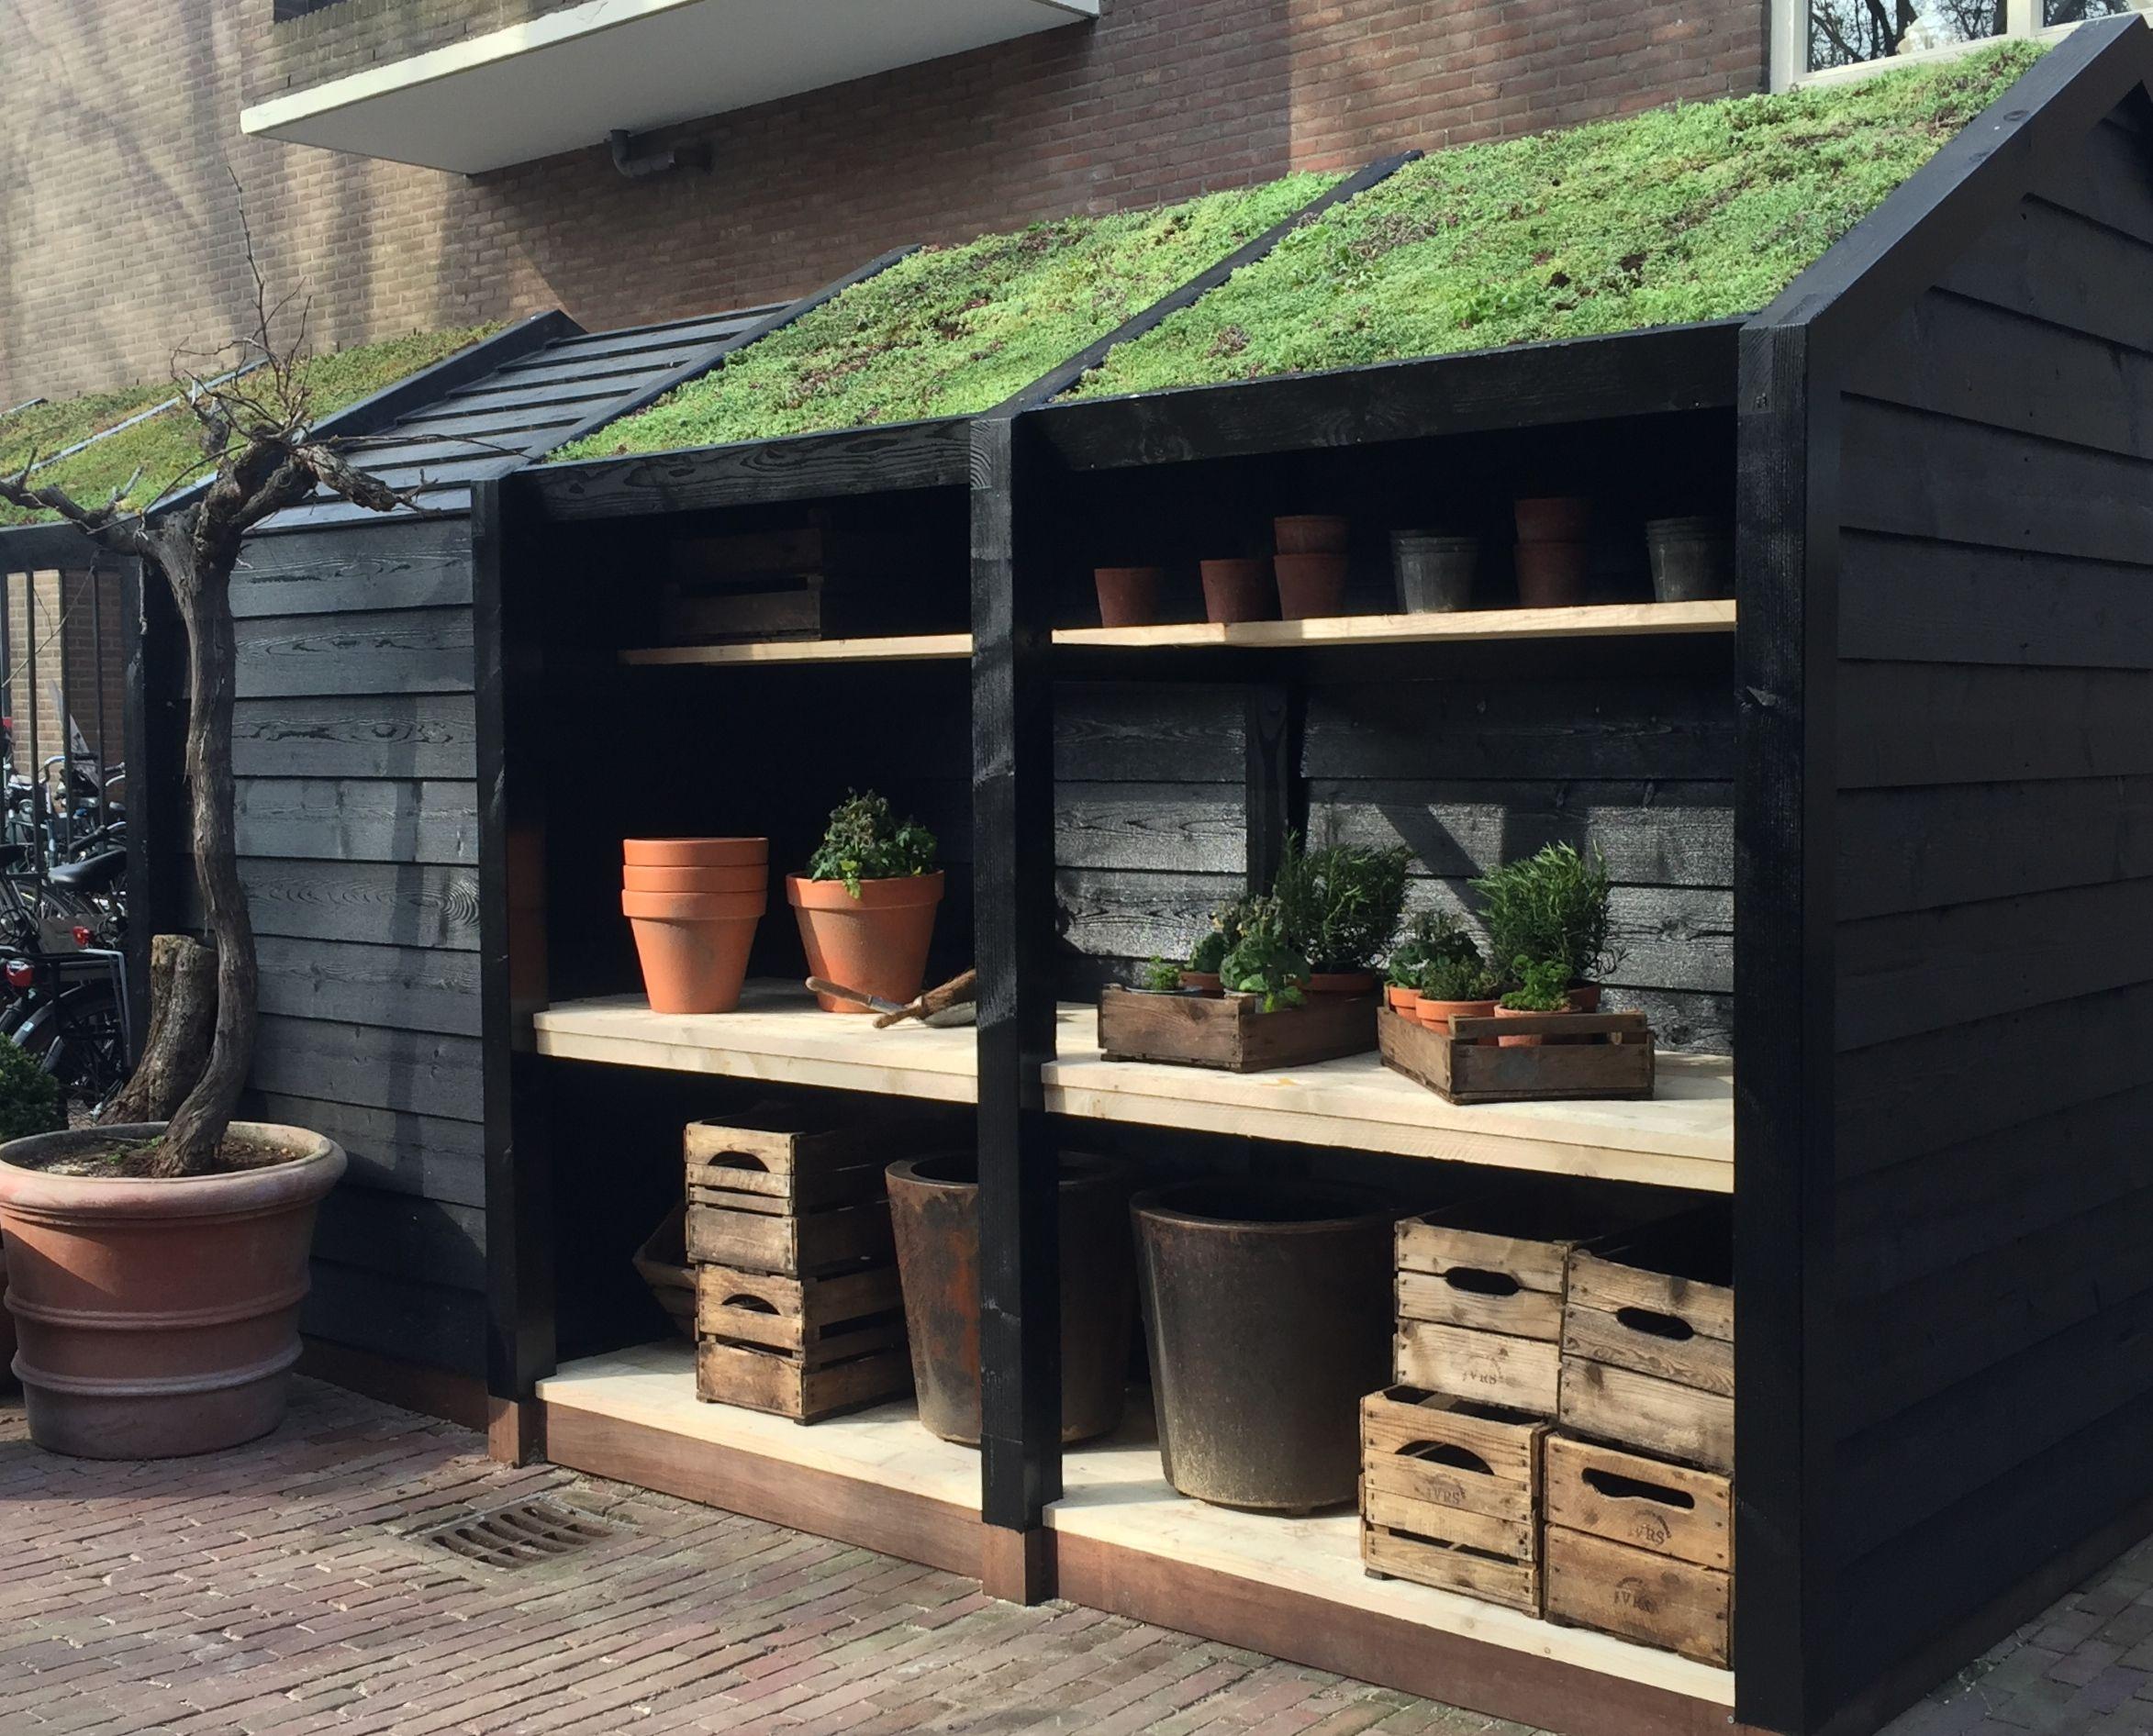 Buiten werkbank  werktafel  opbergkast STUDIO BUITEN, Ontwerp en realisatie  www studio buiten nl